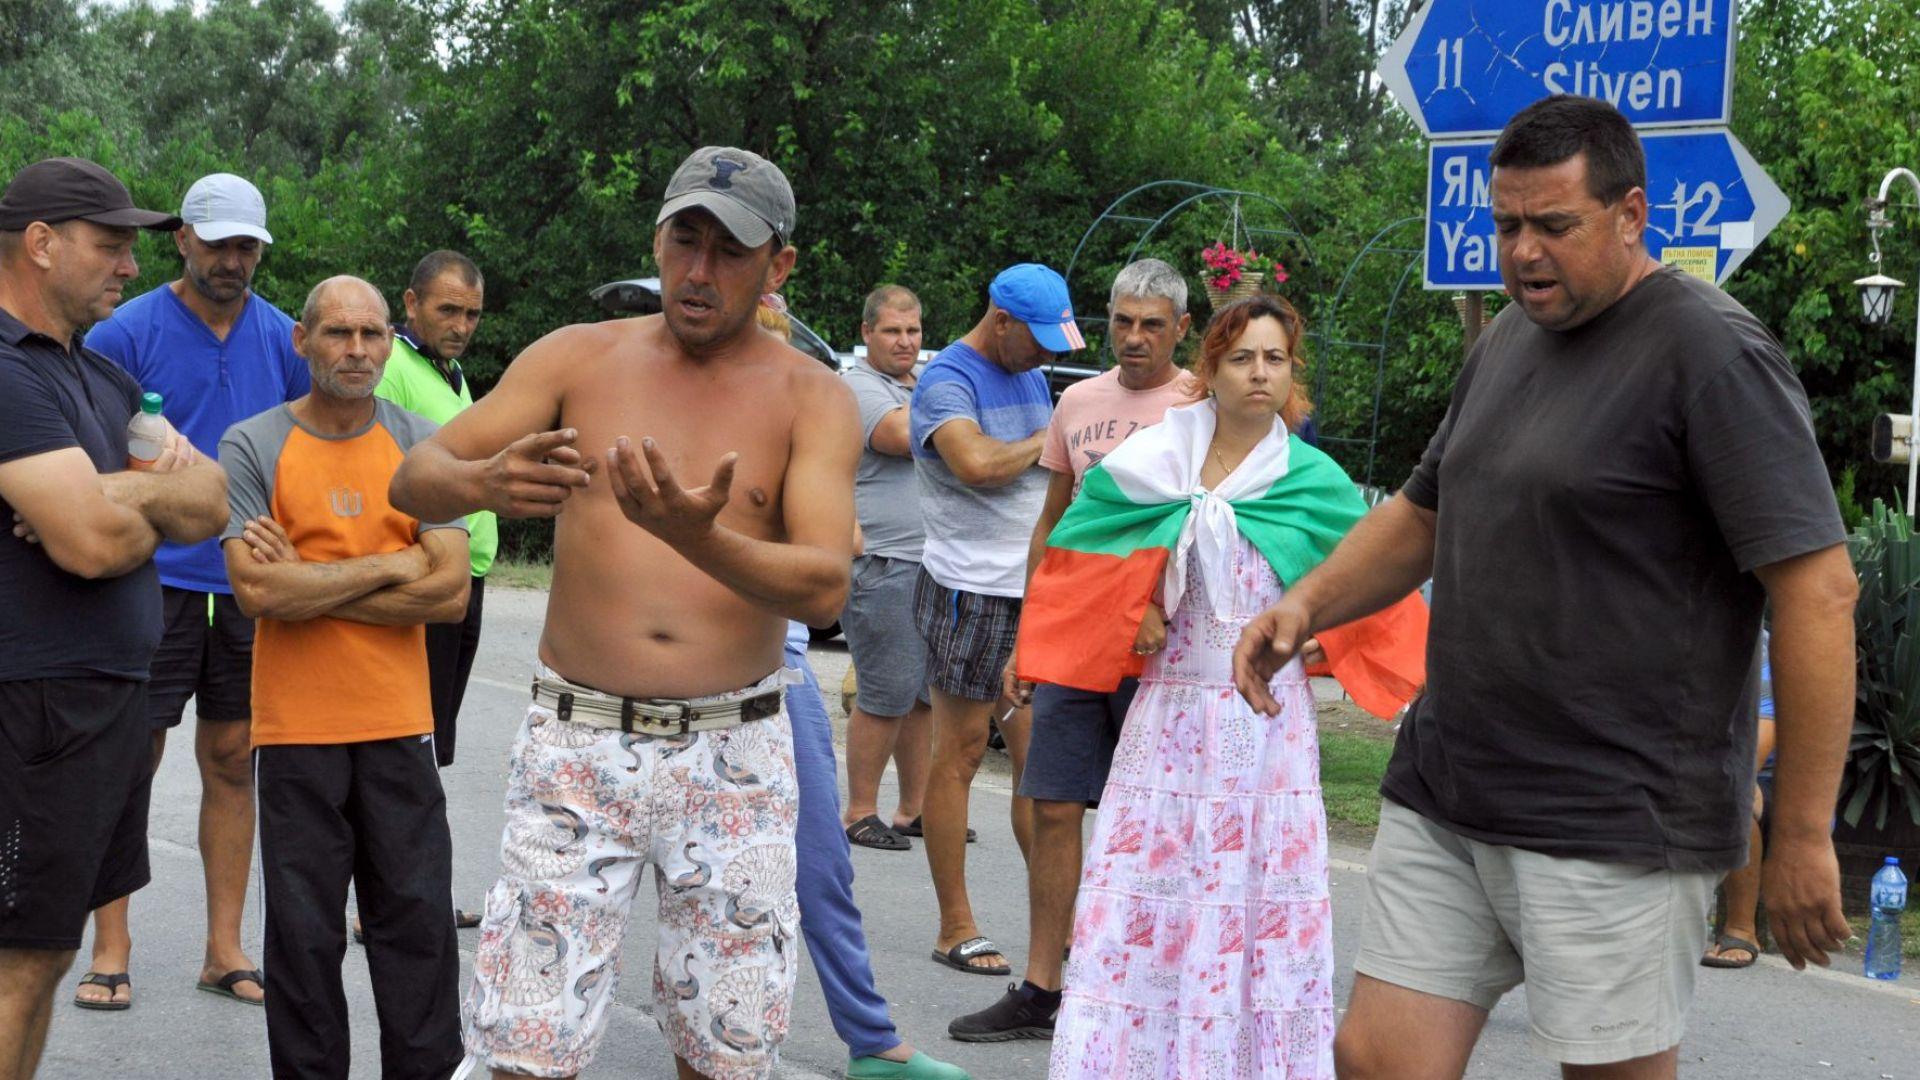 Продължава блокадата на пътя Сливен-Ямбол, оставиха протестиращите на тъмно